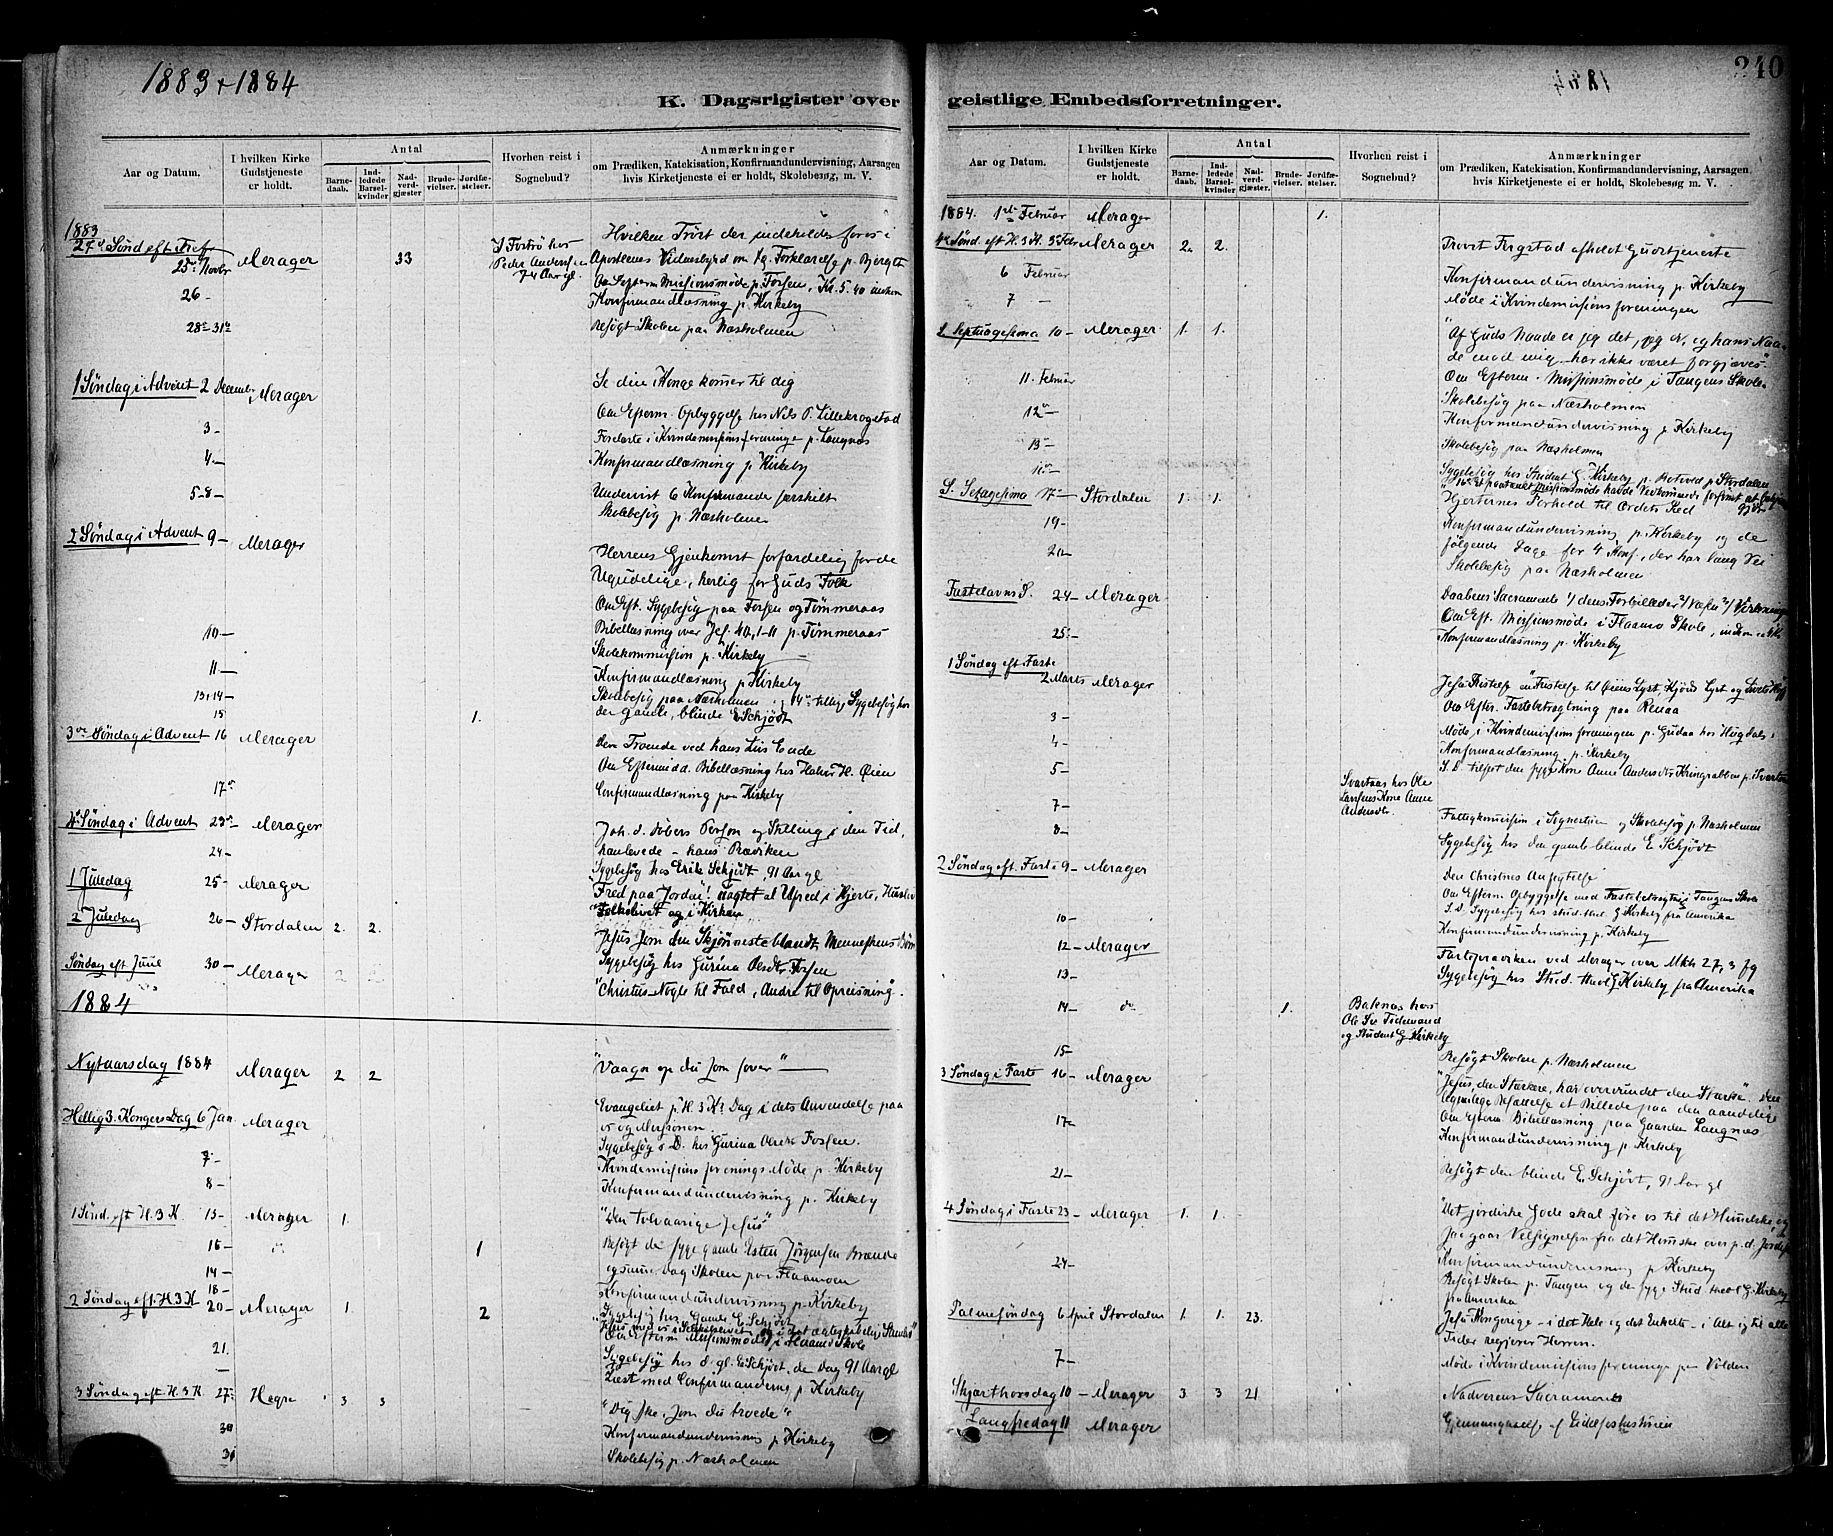 SAT, Ministerialprotokoller, klokkerbøker og fødselsregistre - Nord-Trøndelag, 706/L0047: Parish register (official) no. 706A03, 1878-1892, p. 240